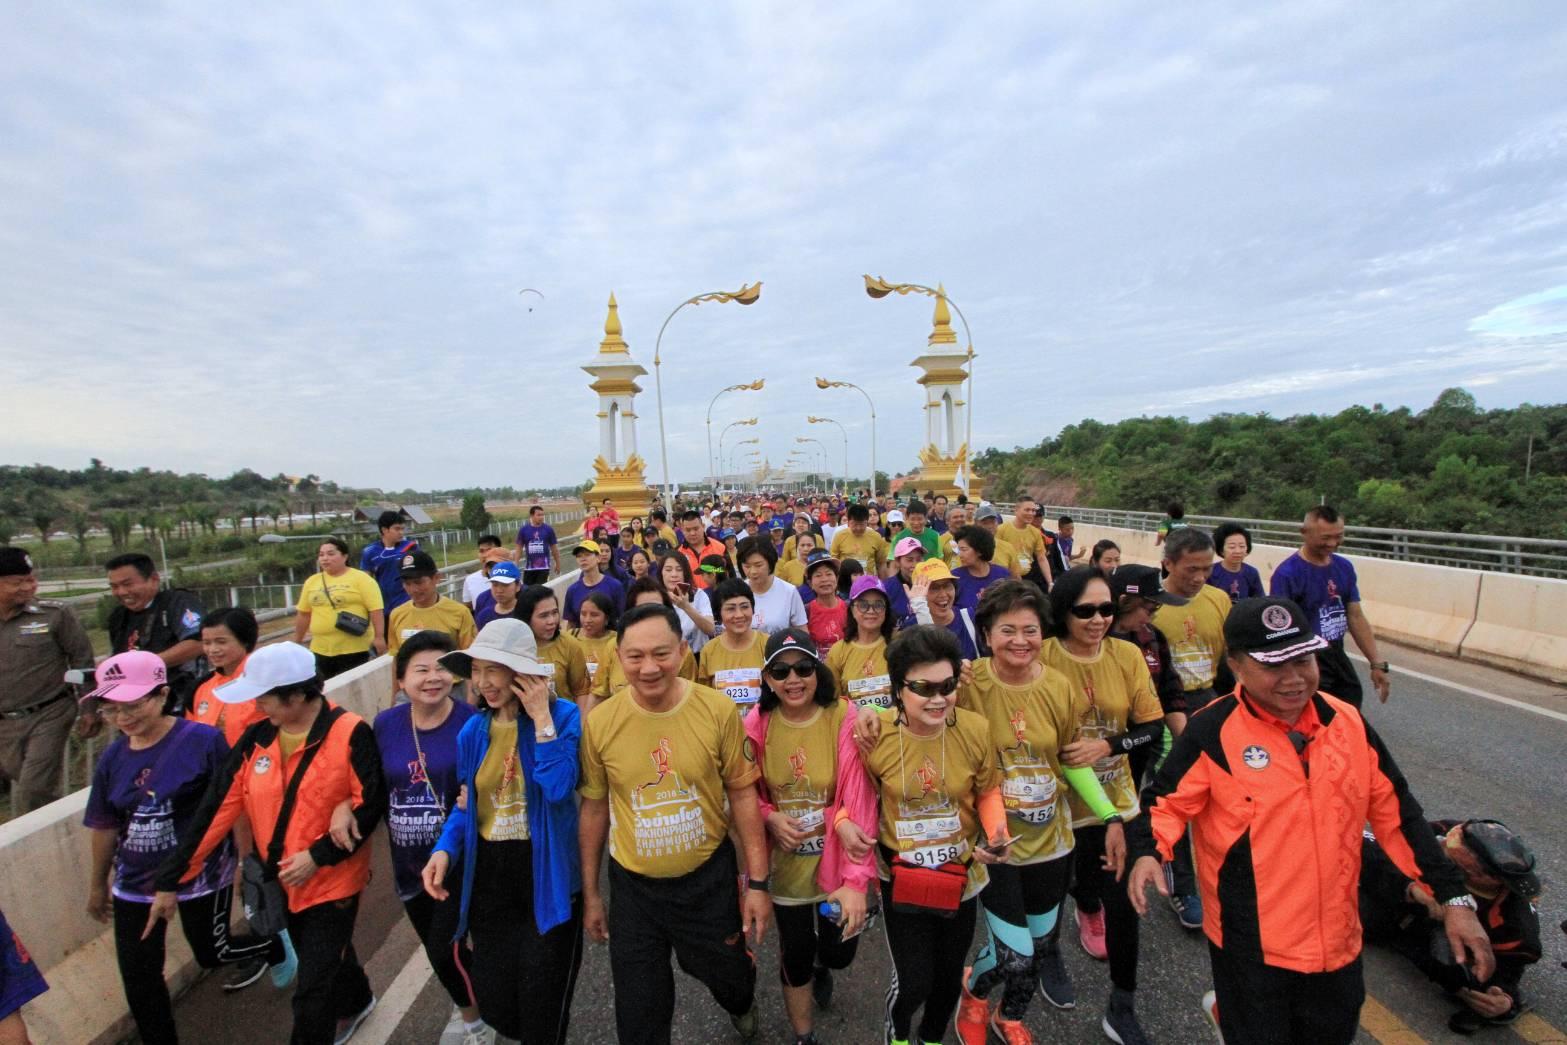 """นครพนม จัดยิ่งใหญ่ เดิน – วิ่ง ข้ามโขง """"นครพนม - คำม่วน"""" มีผู้ร่วมกิจกรรมกว่า 10,000 คน"""